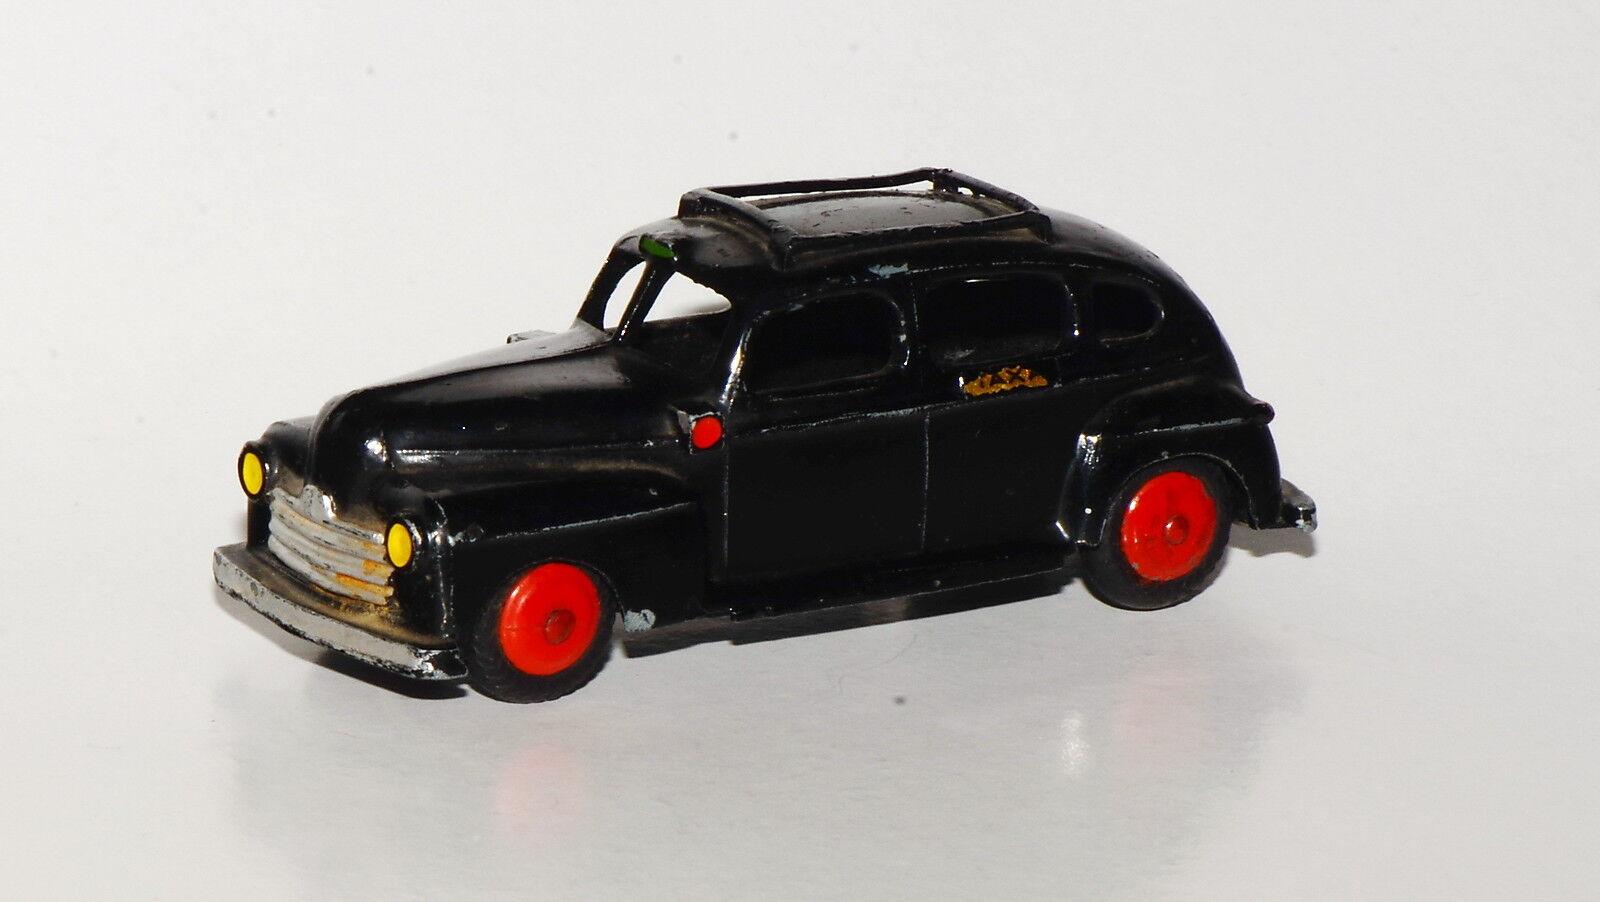 Tekno Artikel-Nr. 428, Ref. Nr. 432 - Ford Taxi Taxa  | Sehr gute Qualität